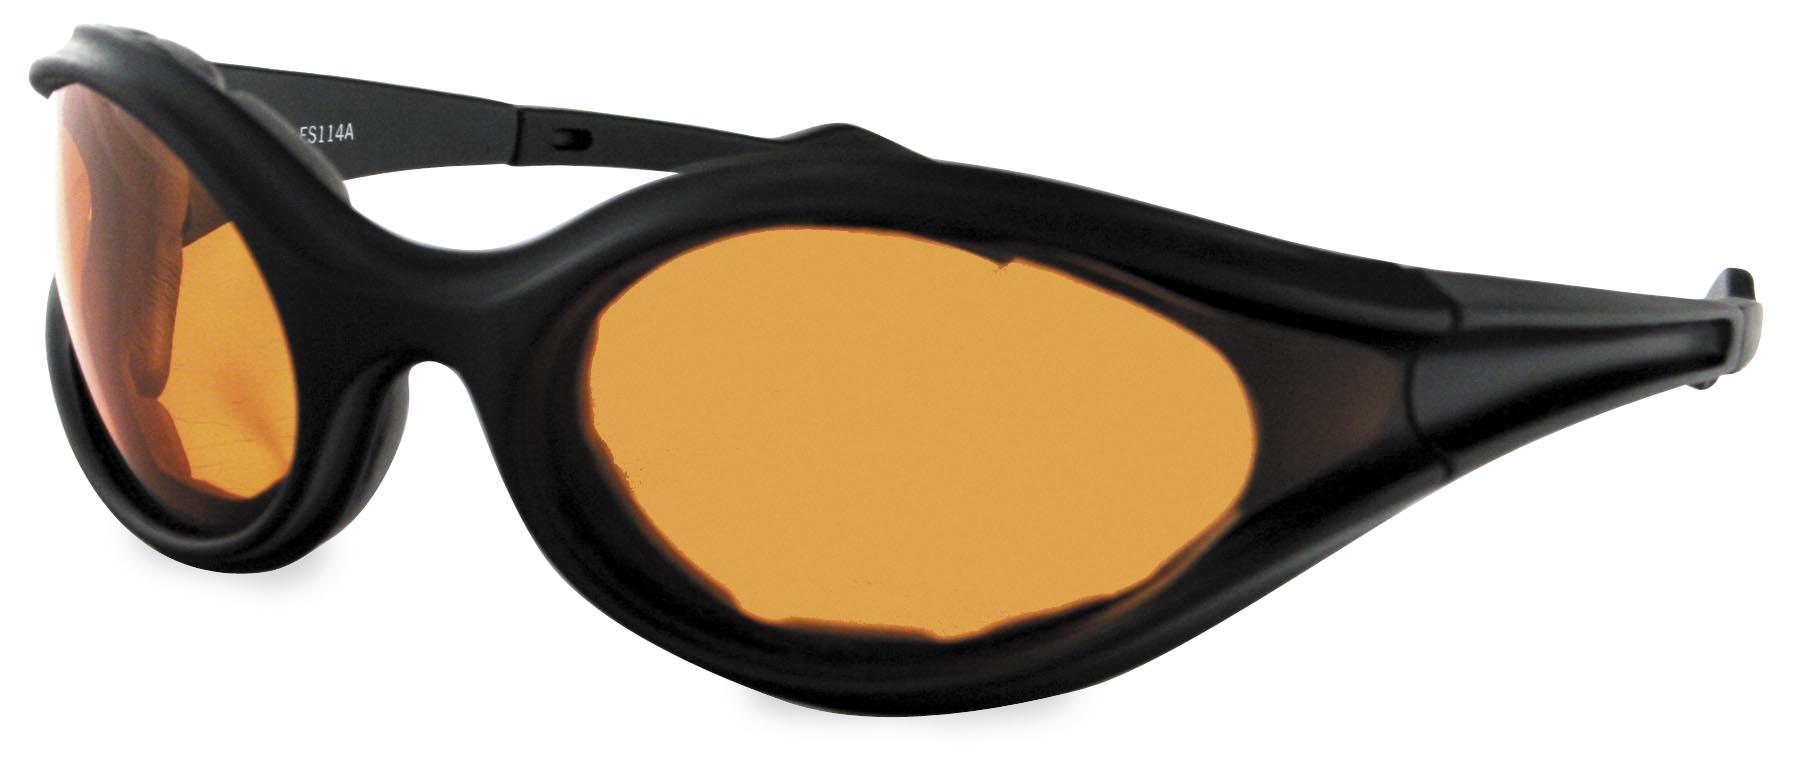 Bobster Eyewear Foamerz Goggles Choose Lens Color